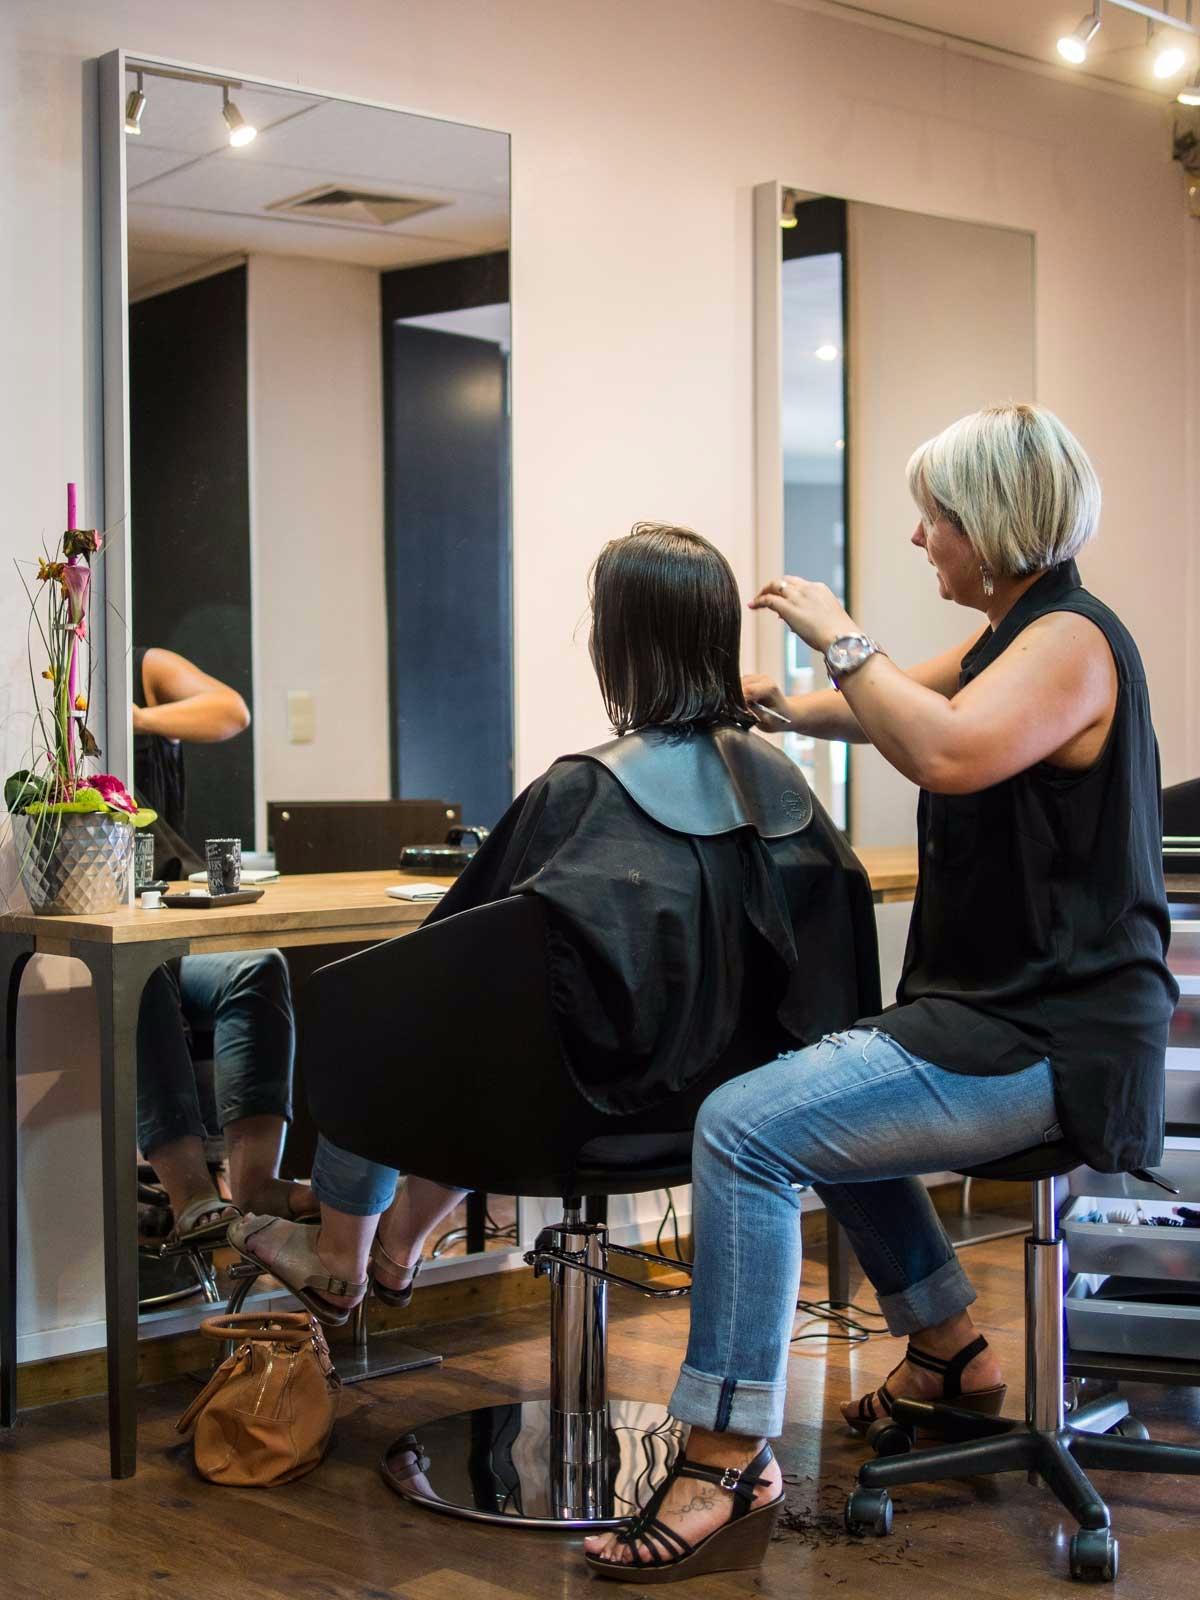 Coiffure gwennaelle lui - Meilleur salon de coiffure bruxelles ...